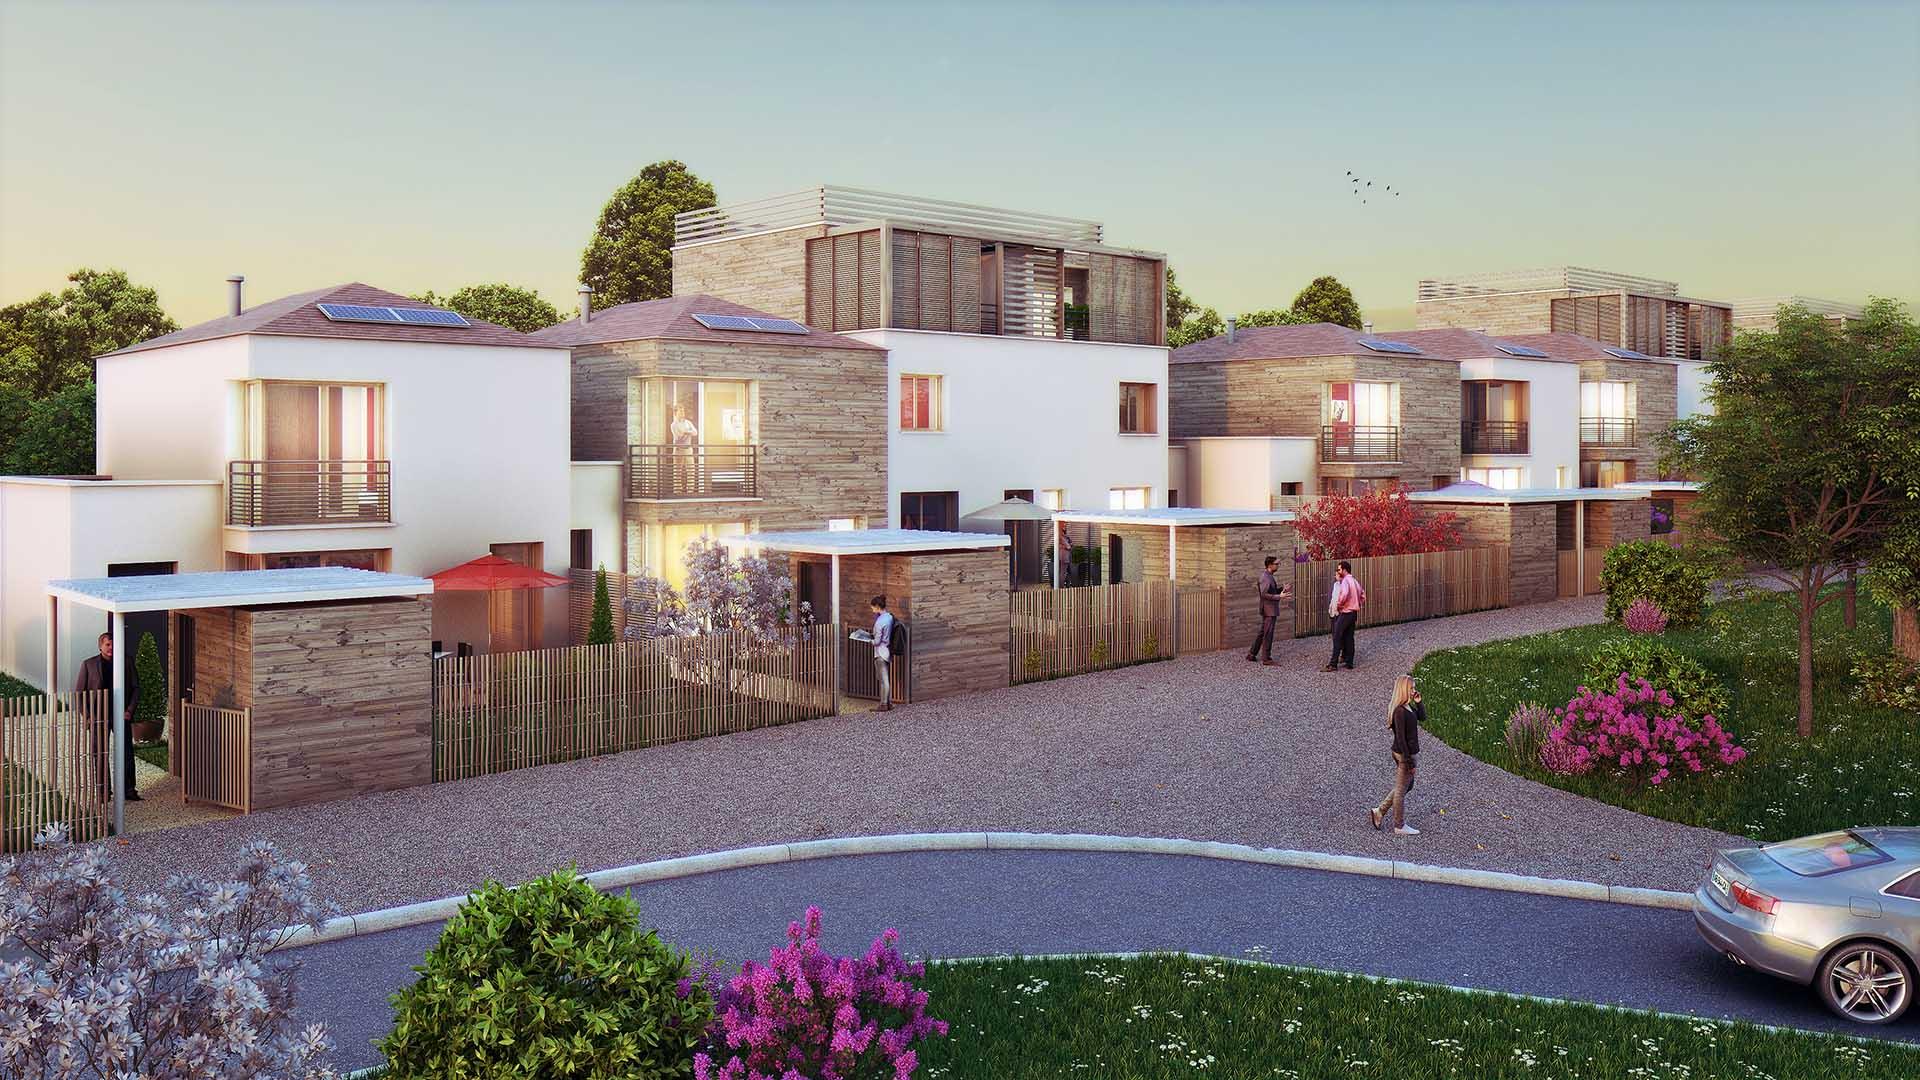 Maison familiale de grandchamp stunning france treignac for Maison familiale